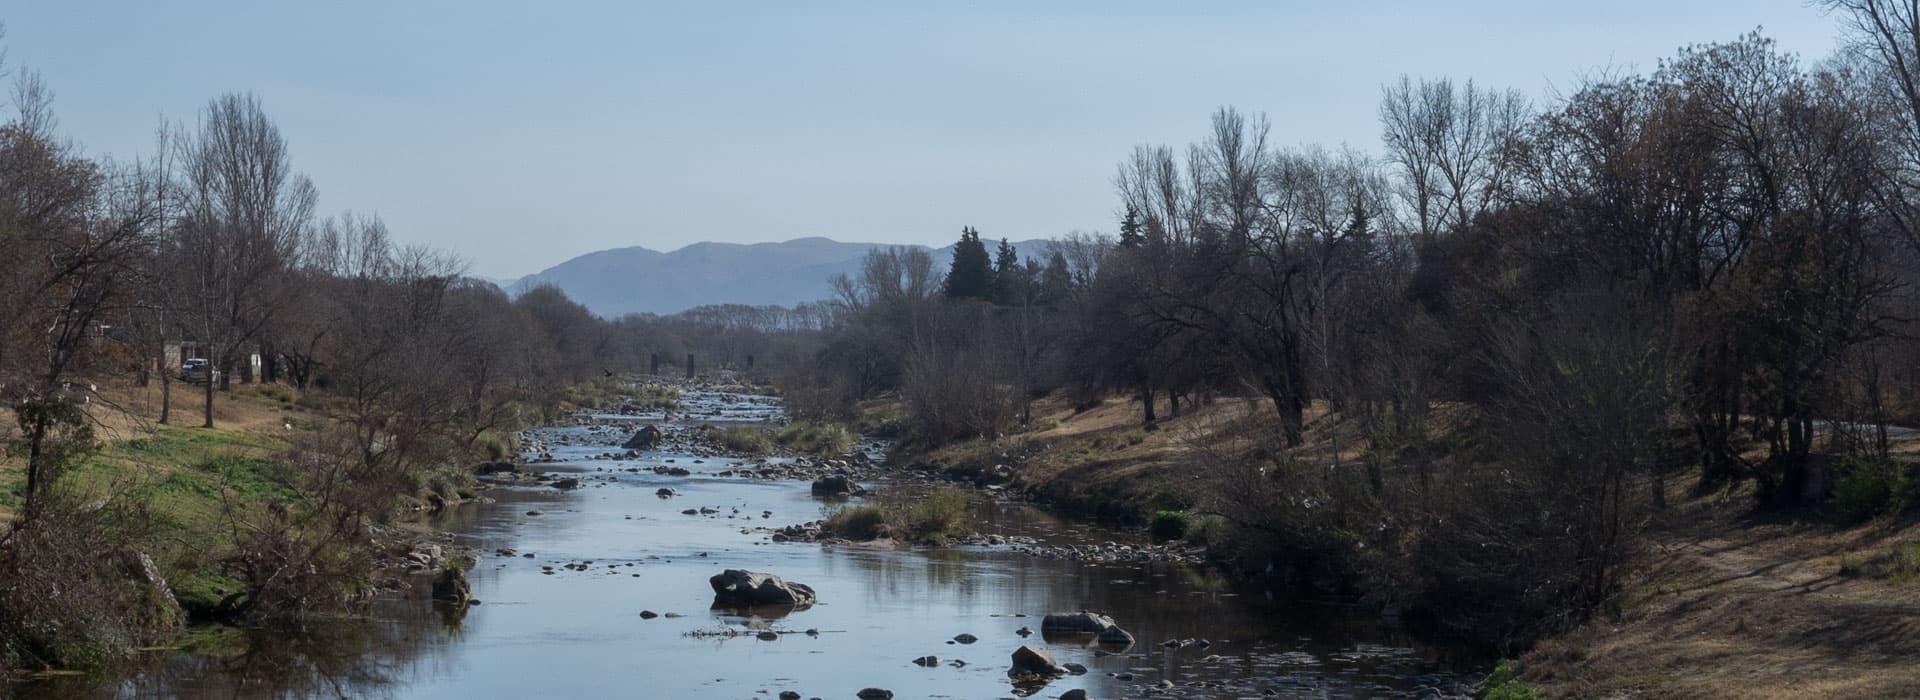 UNCiencia cuencas hidricas y desarrollo inmoviliario 05b faja